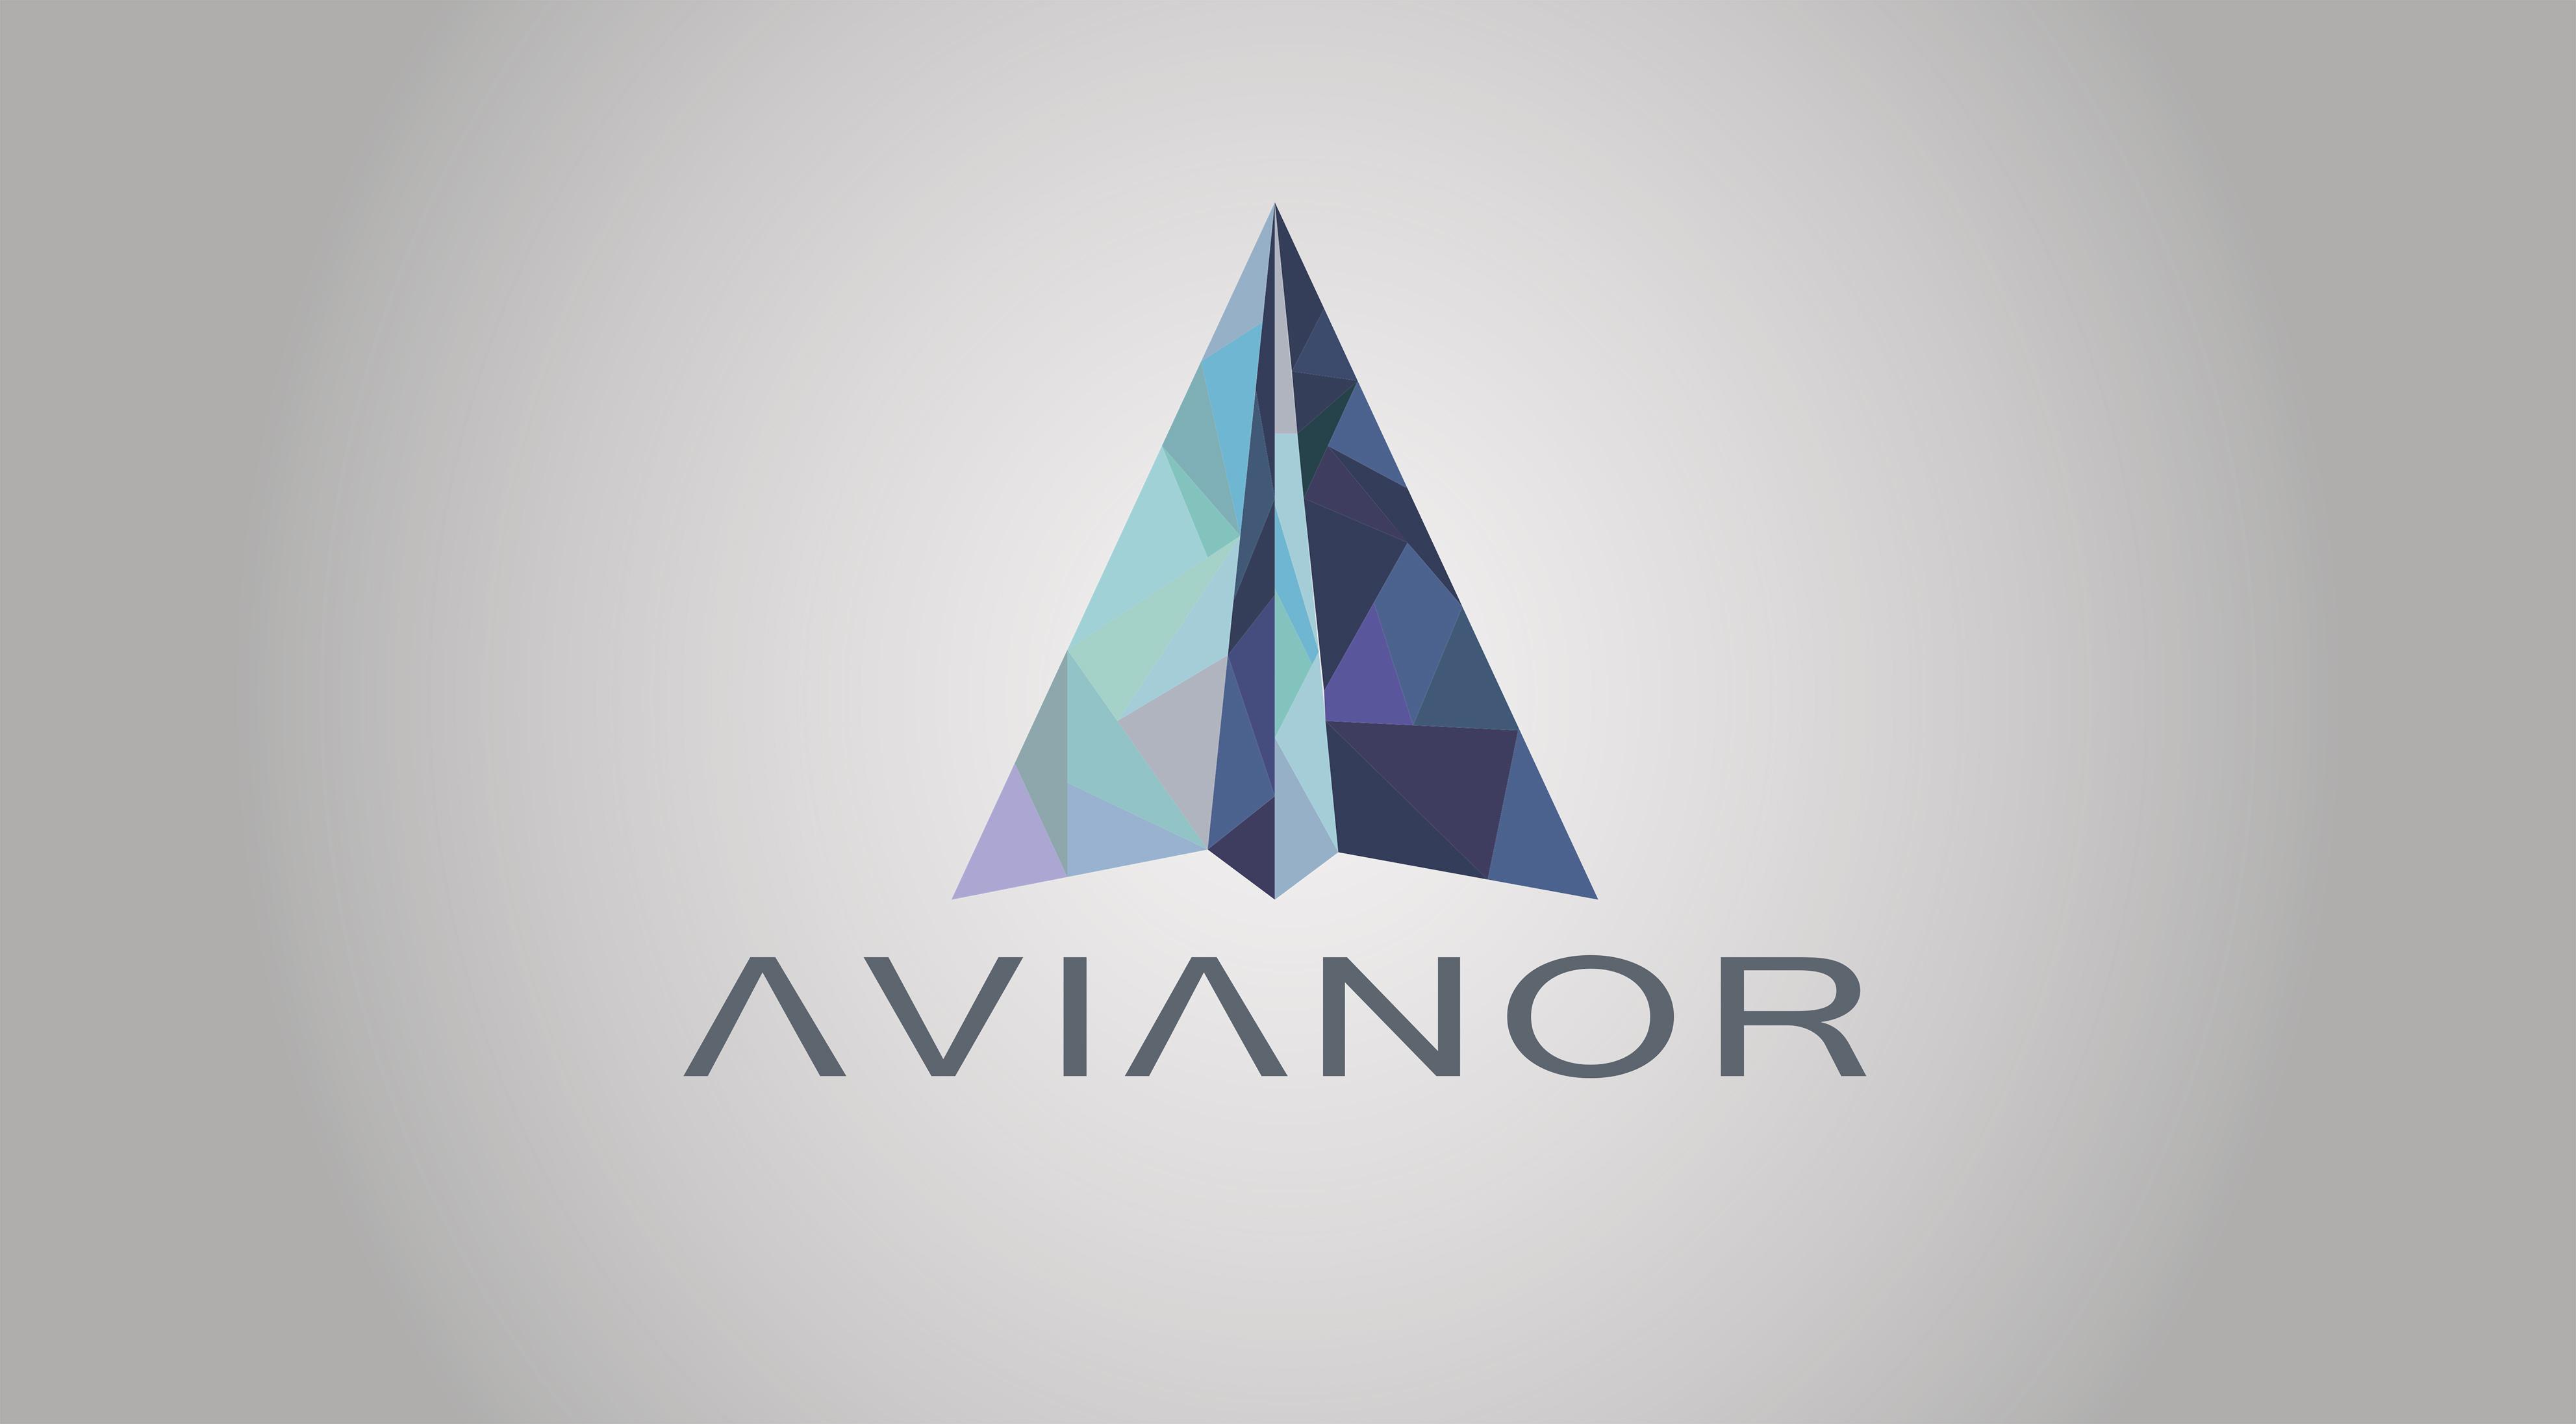 Нужен логотип и фирменный стиль для завода фото f_037528d2dc931906.jpg